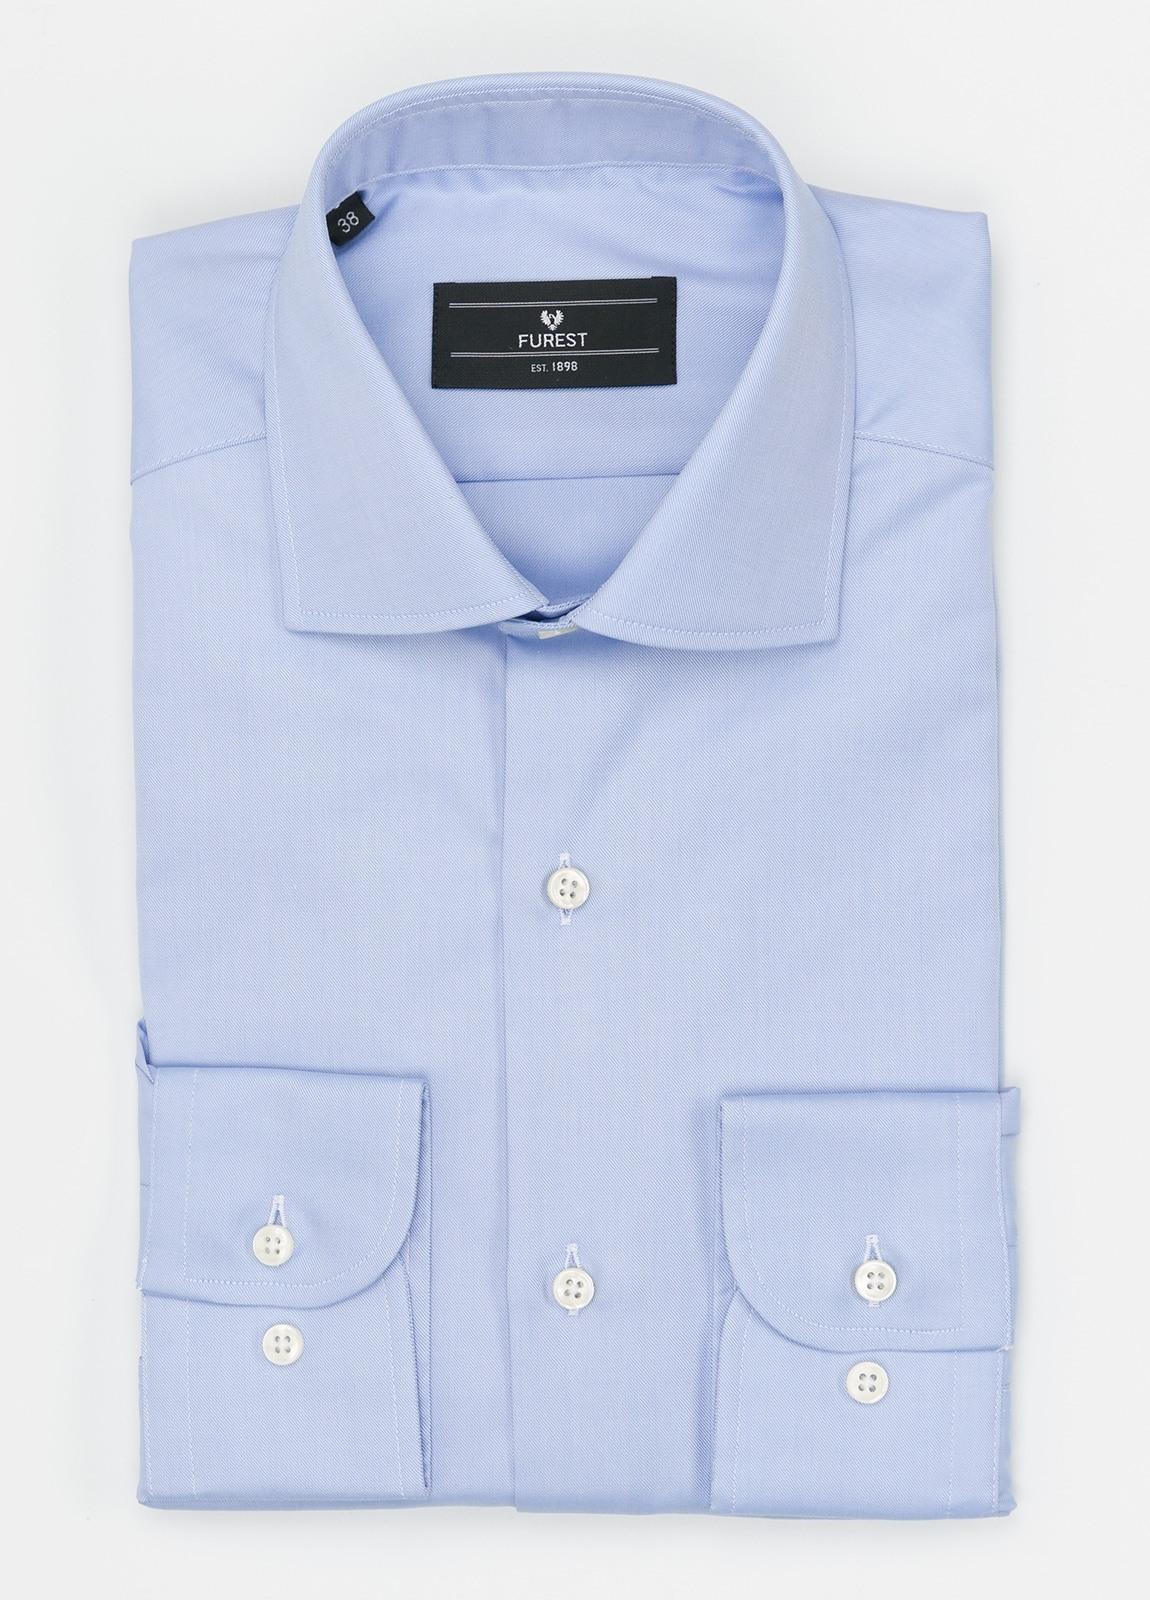 Camisa Formal Wear REGULAR FIT cuello italiano modelo TAILORED NAPOLI diseño liso color azul celeste. 100% Algodón. Fácil planchado.